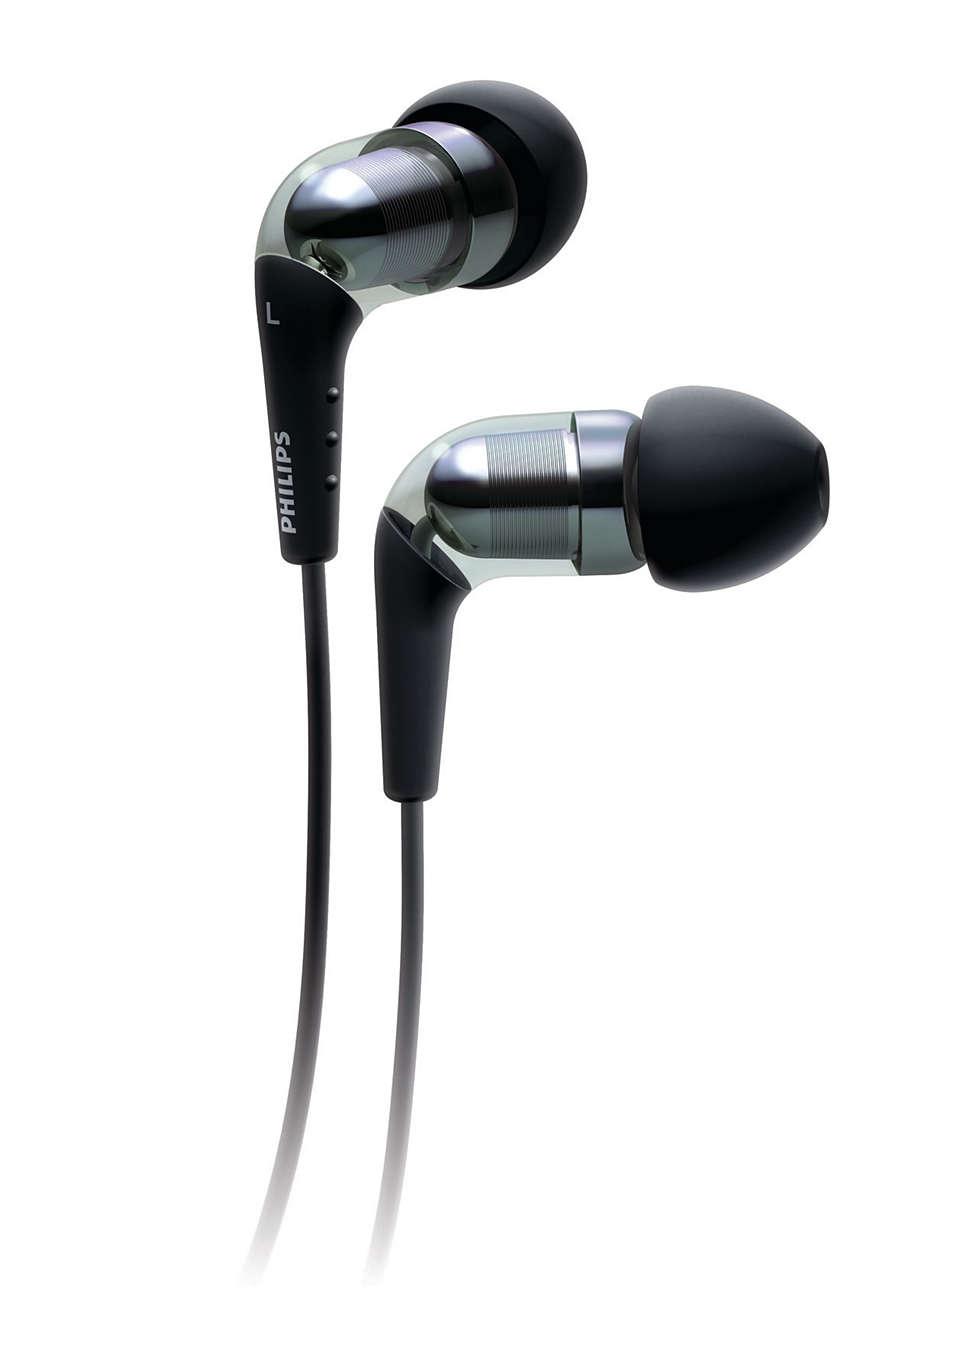 Audio nitido e ricco di dettagli